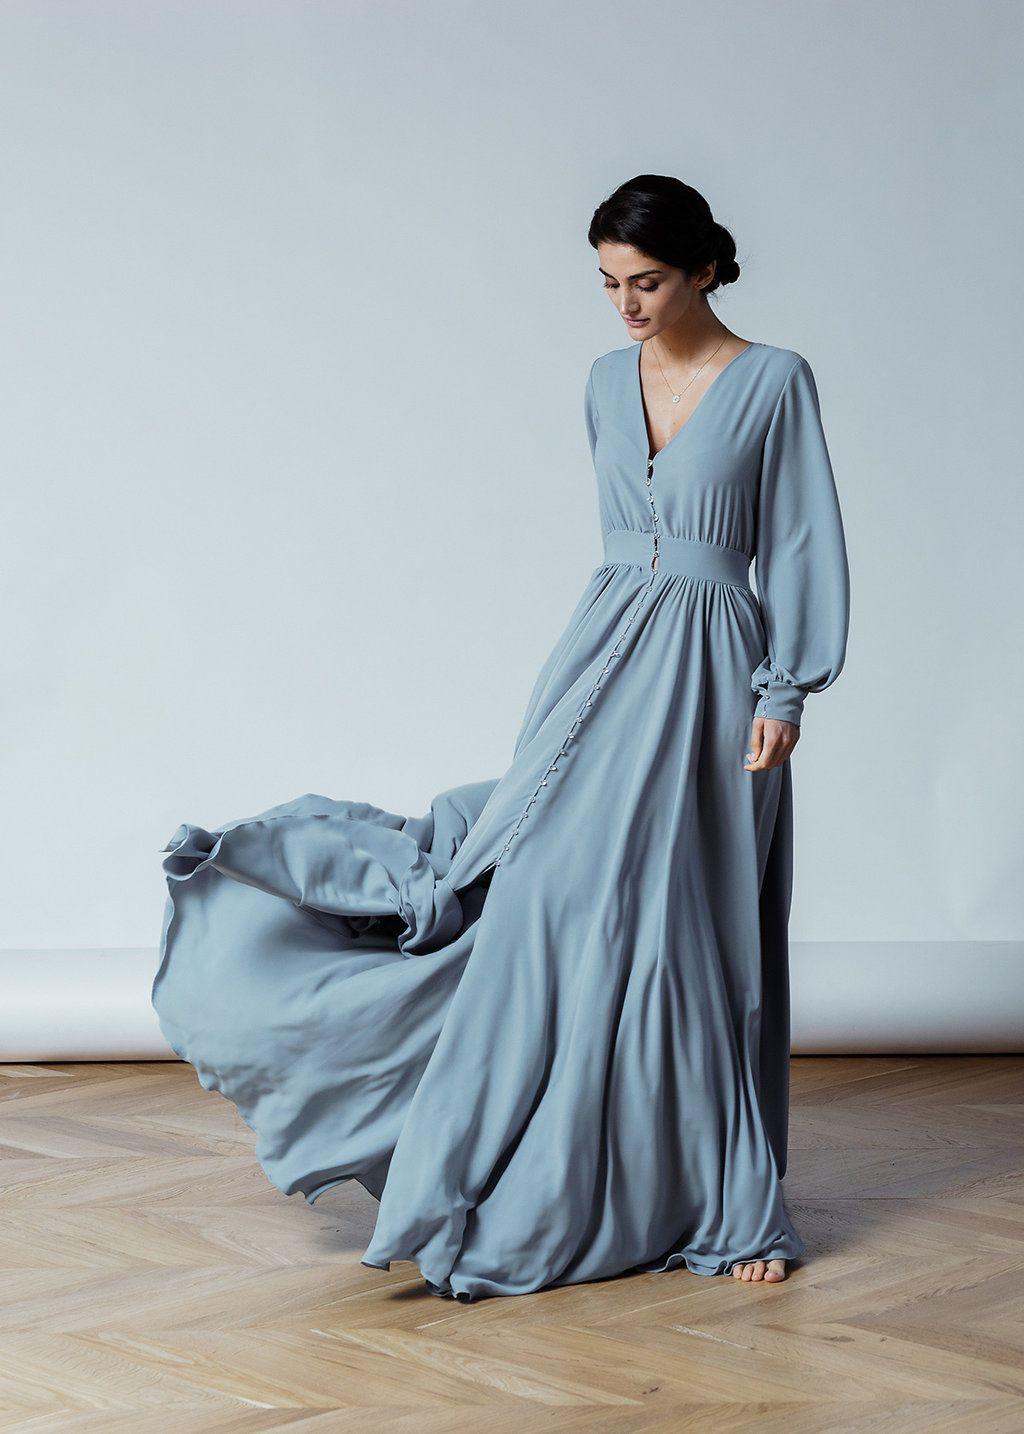 Designer Erstaunlich Kleid Grau Langarm Bester Preis13 Schön Kleid Grau Langarm Vertrieb